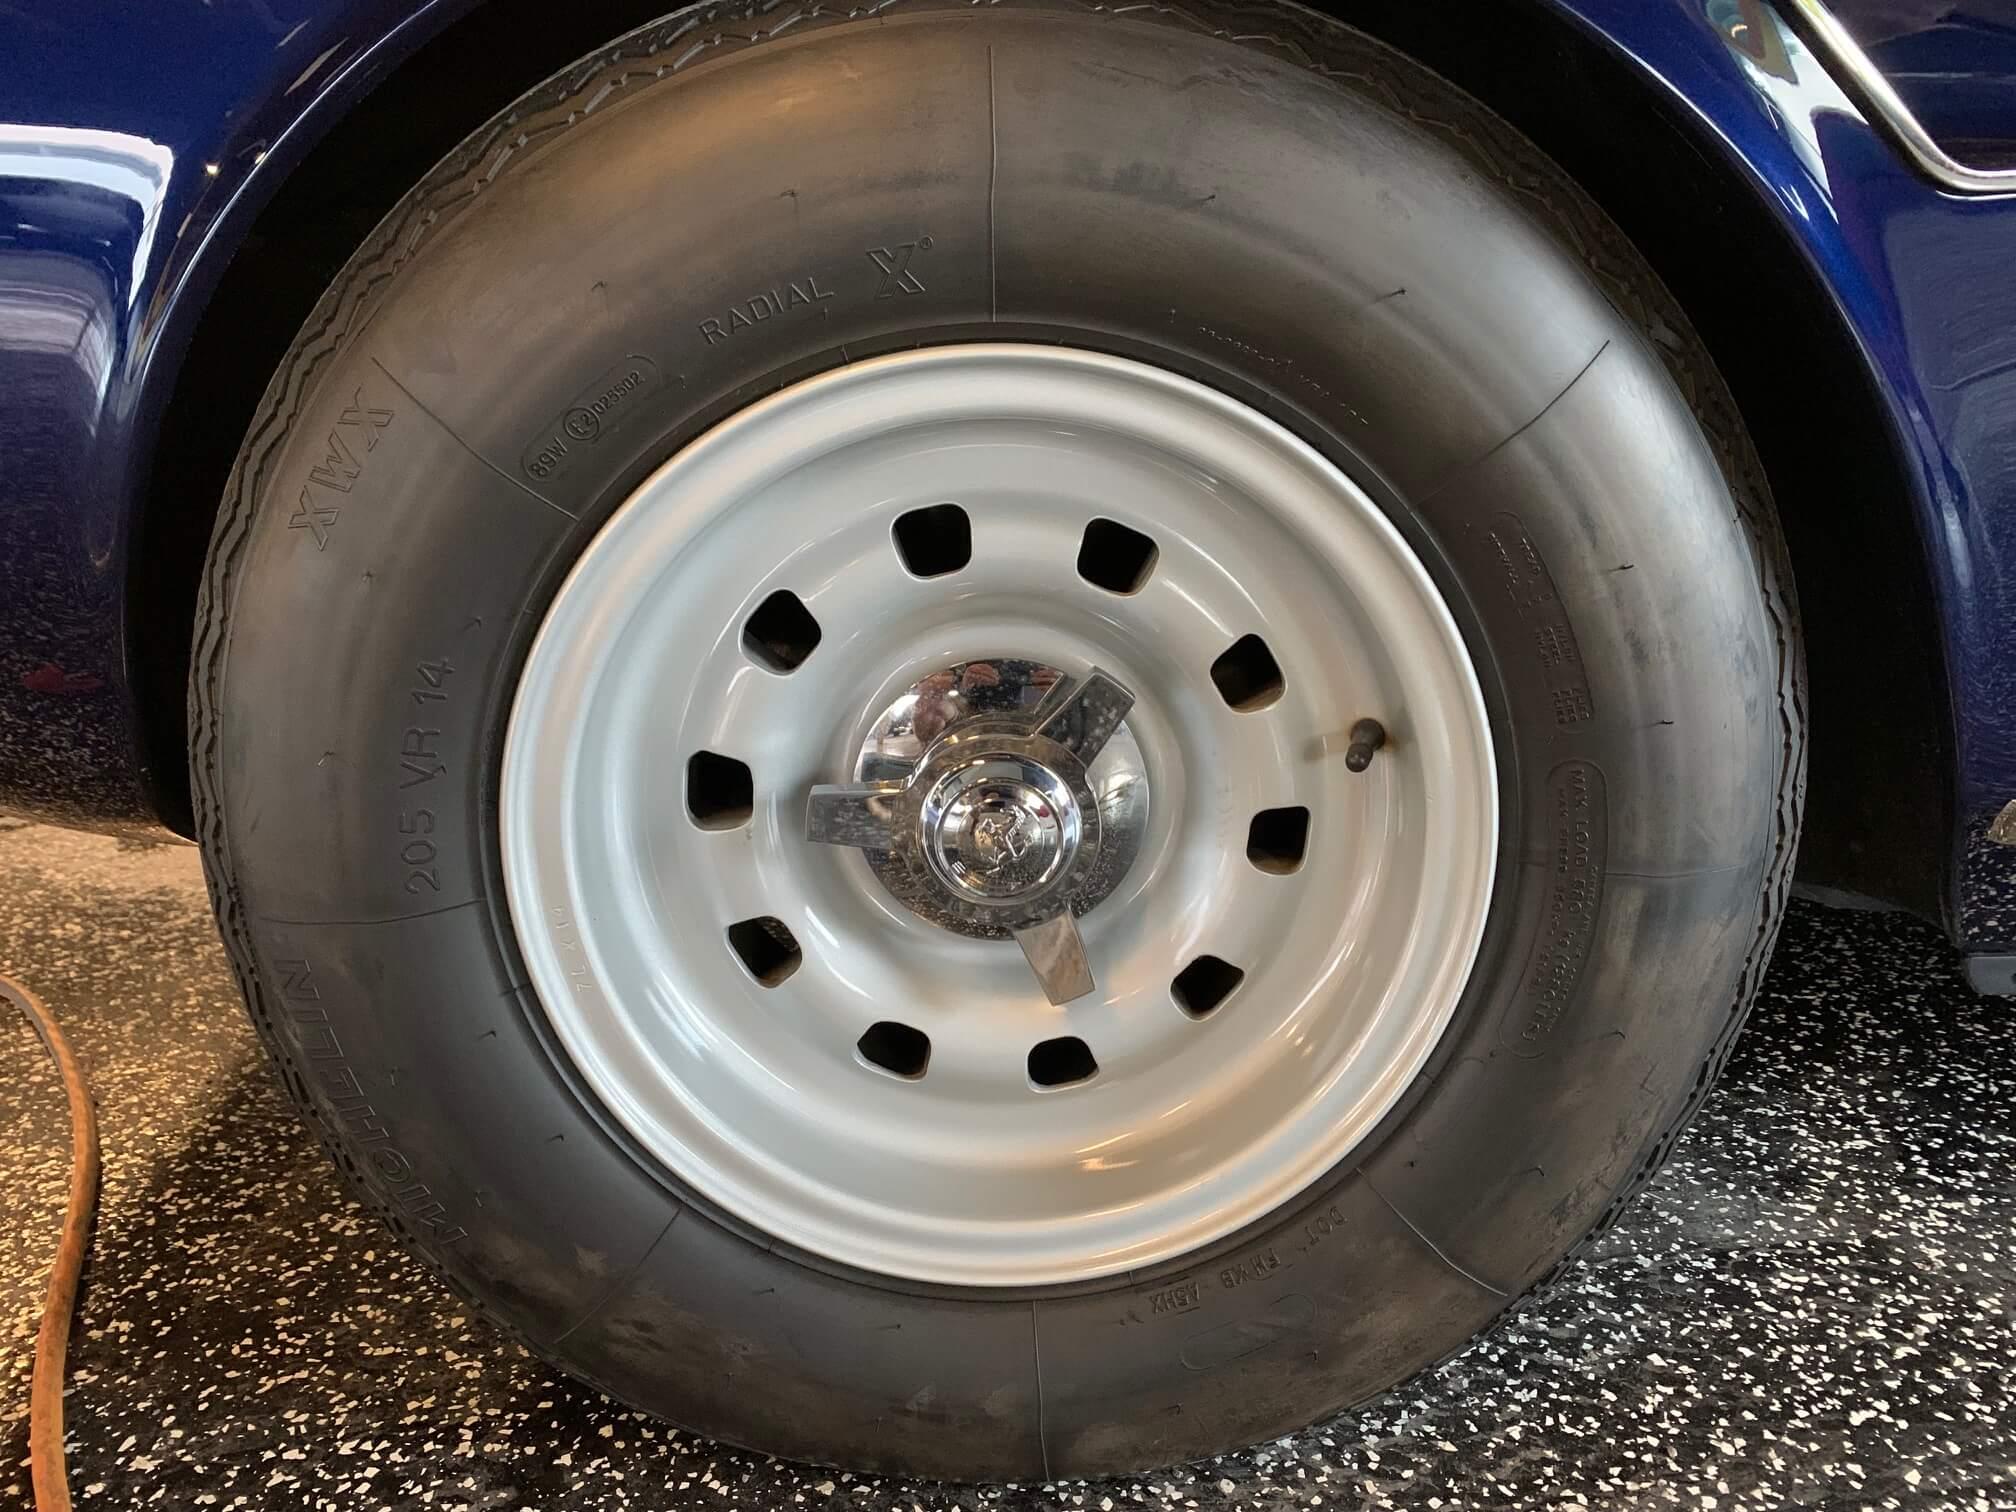 Ferrari 330 GTC Left front wheel & tire